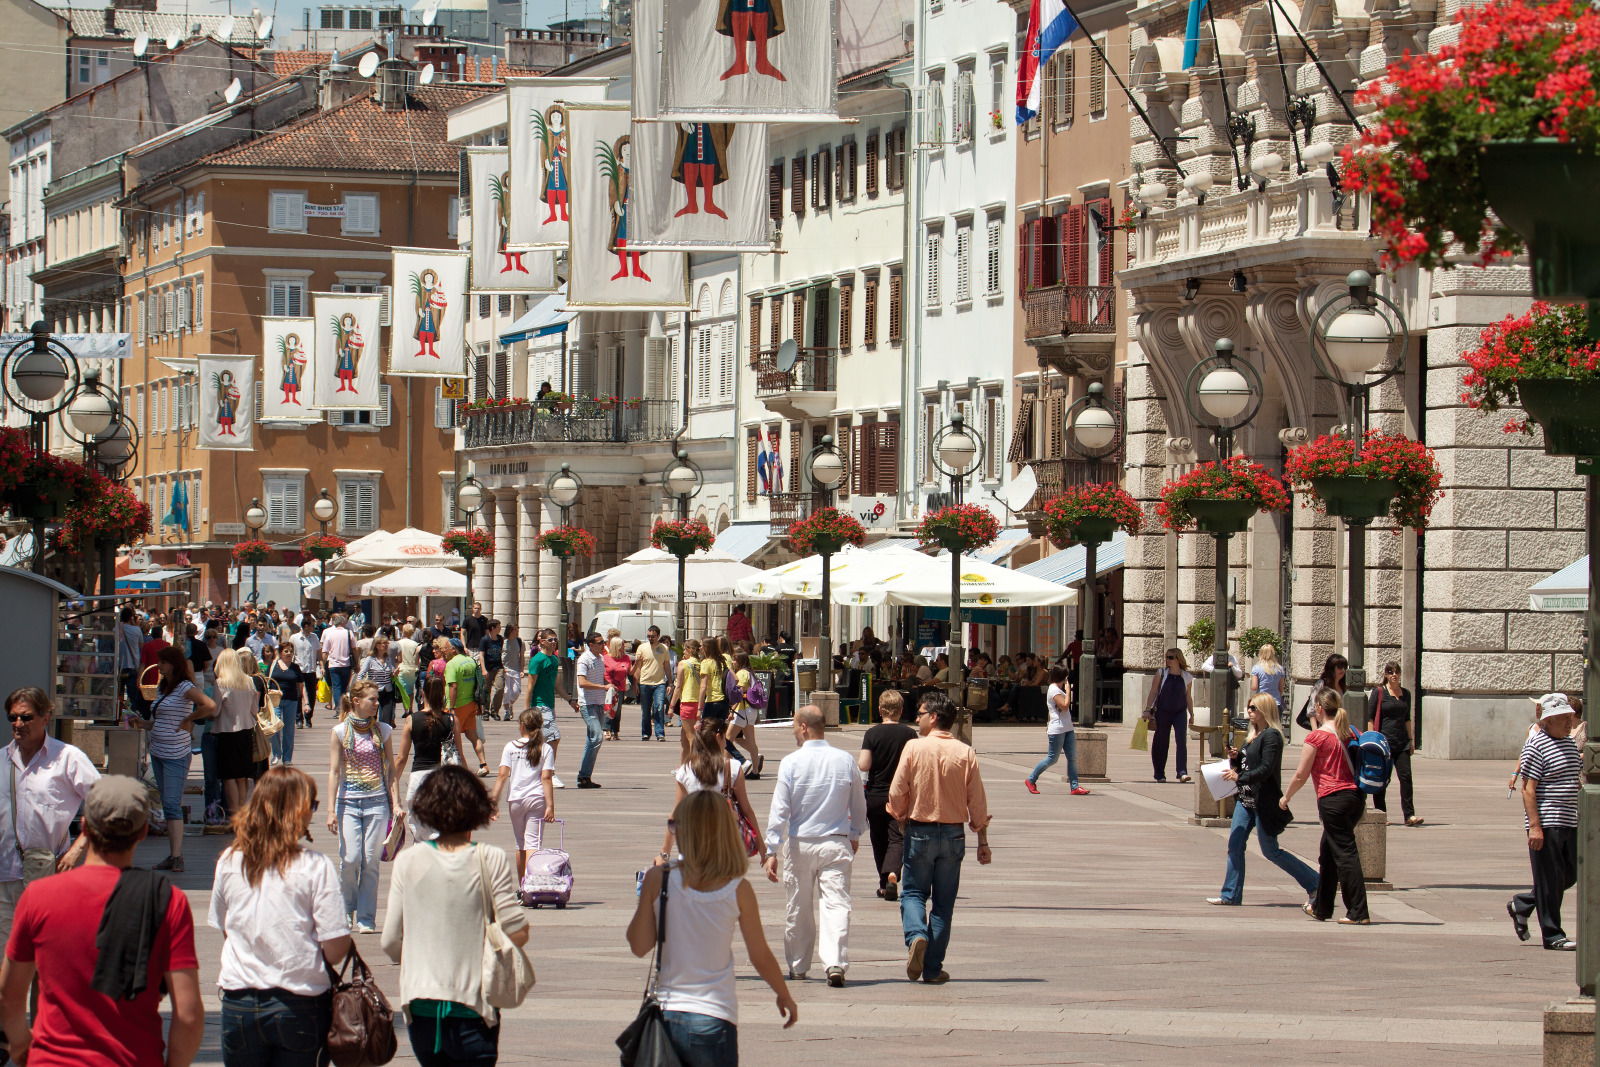 Die wunderschöne Einkaufsstraße Korzo im Zentrum Rijekas